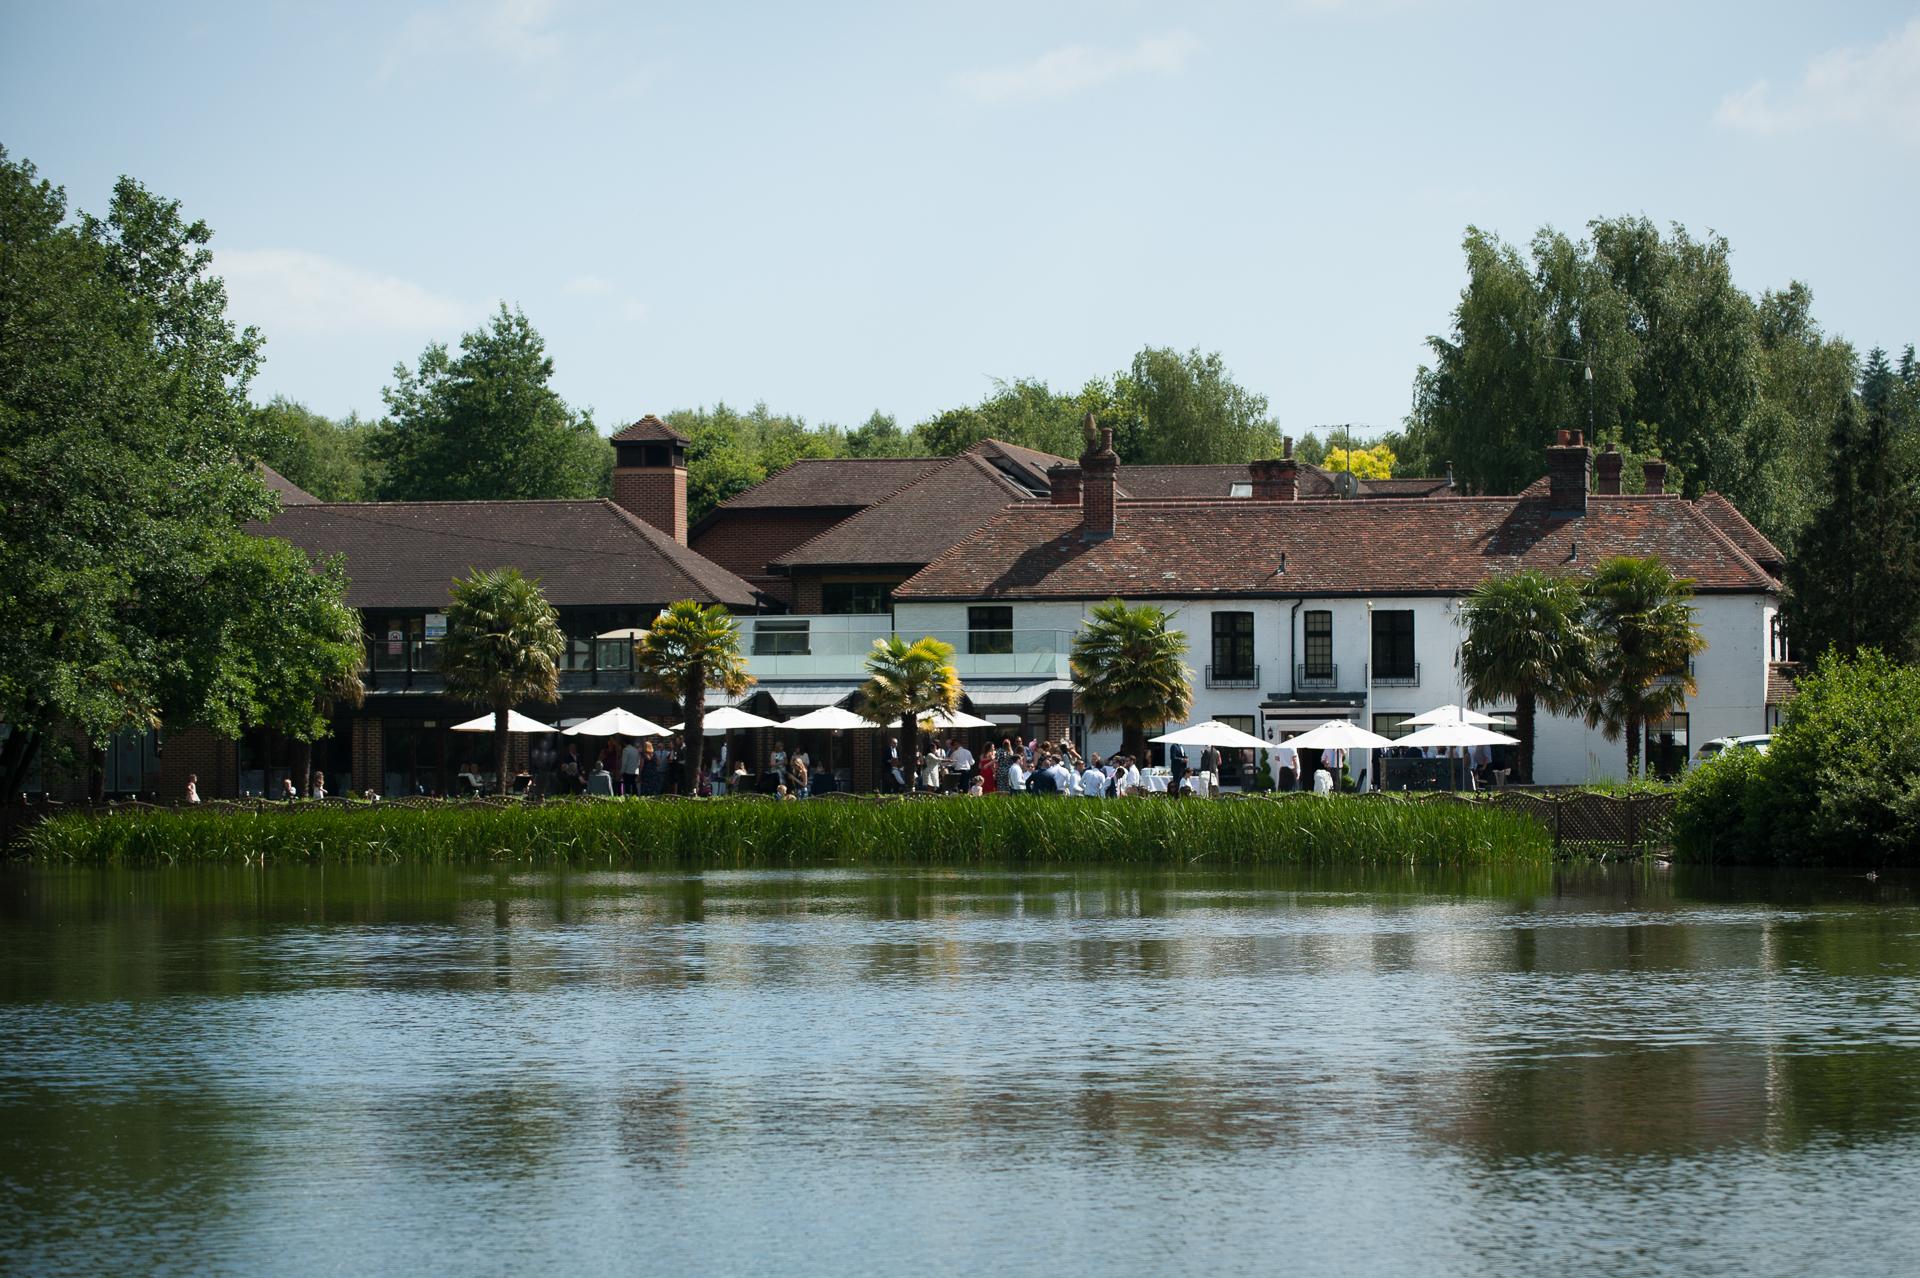 Frensham-Pond-Hotel-wedding_39.JPG